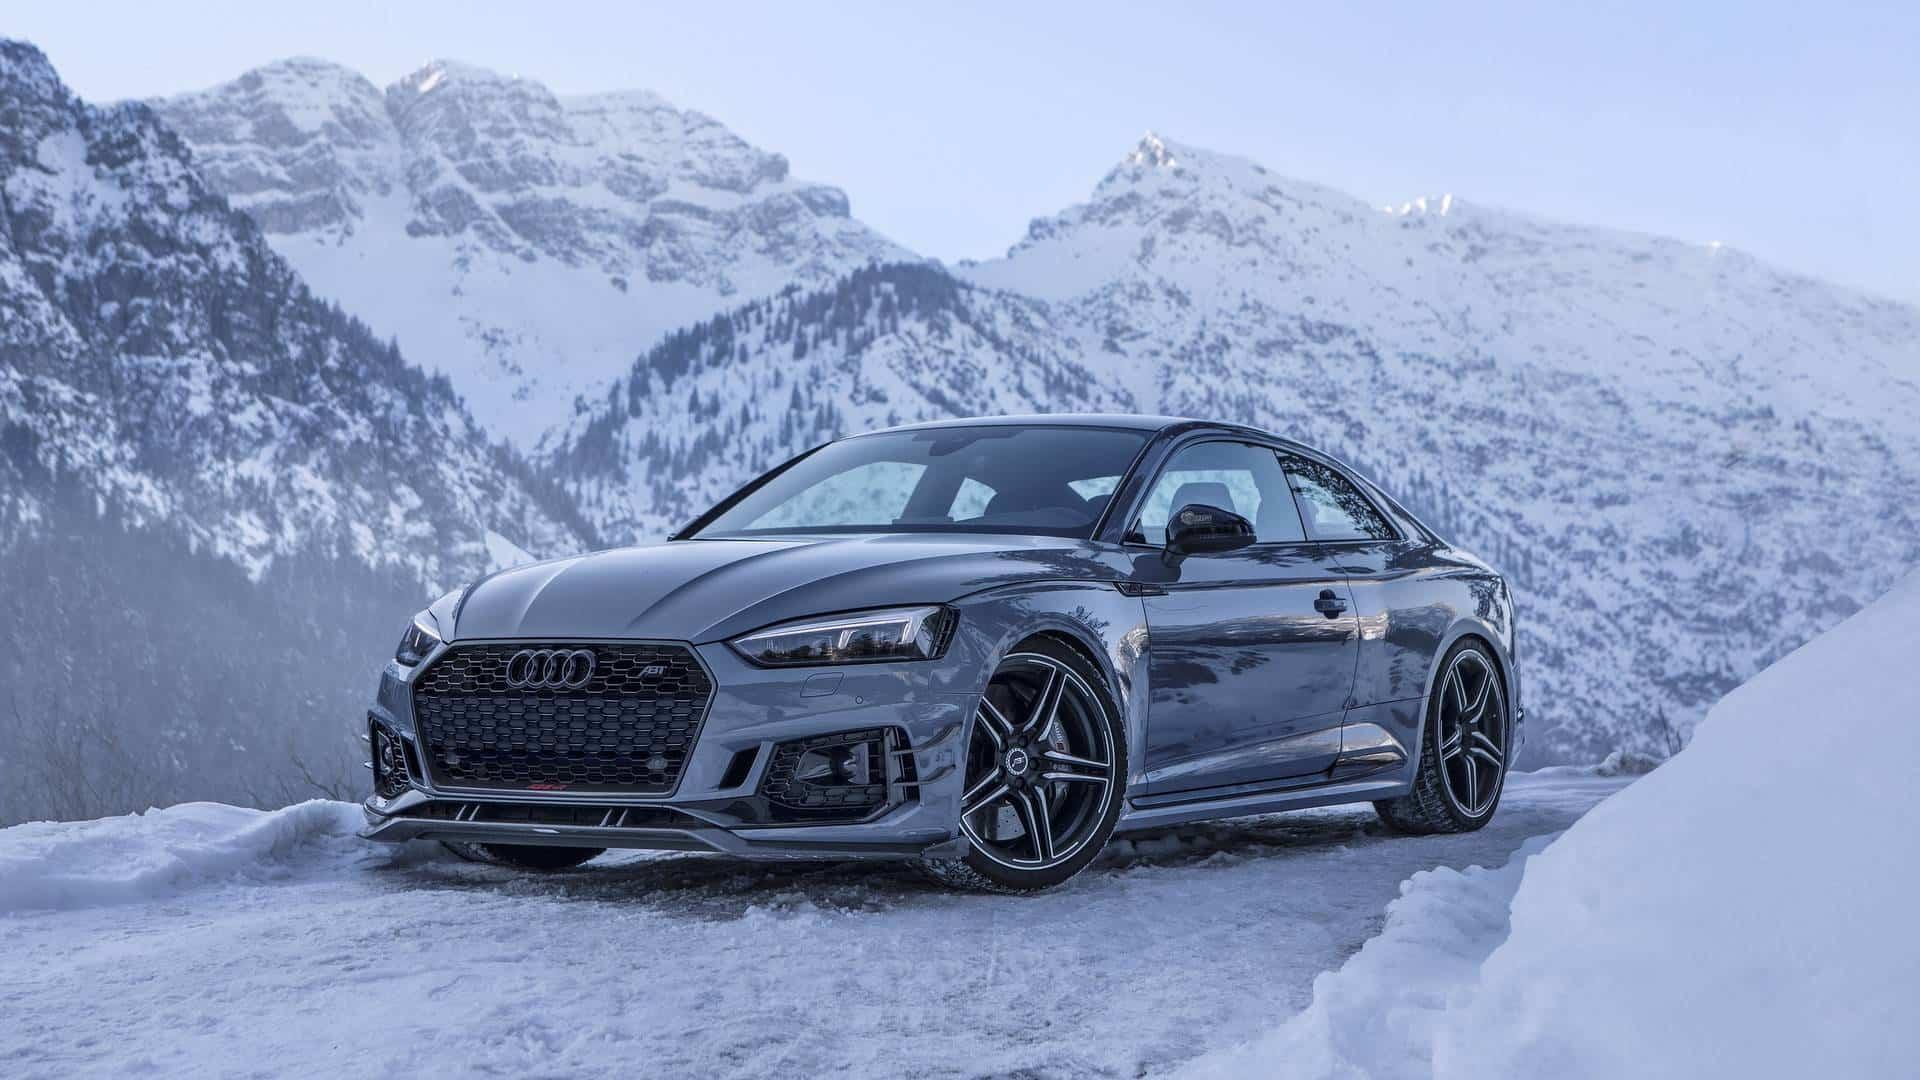 Audi Rs5 2018 >> El brutal Audi RS5-R de ABT y sus 530 CV nos deleitan con ...